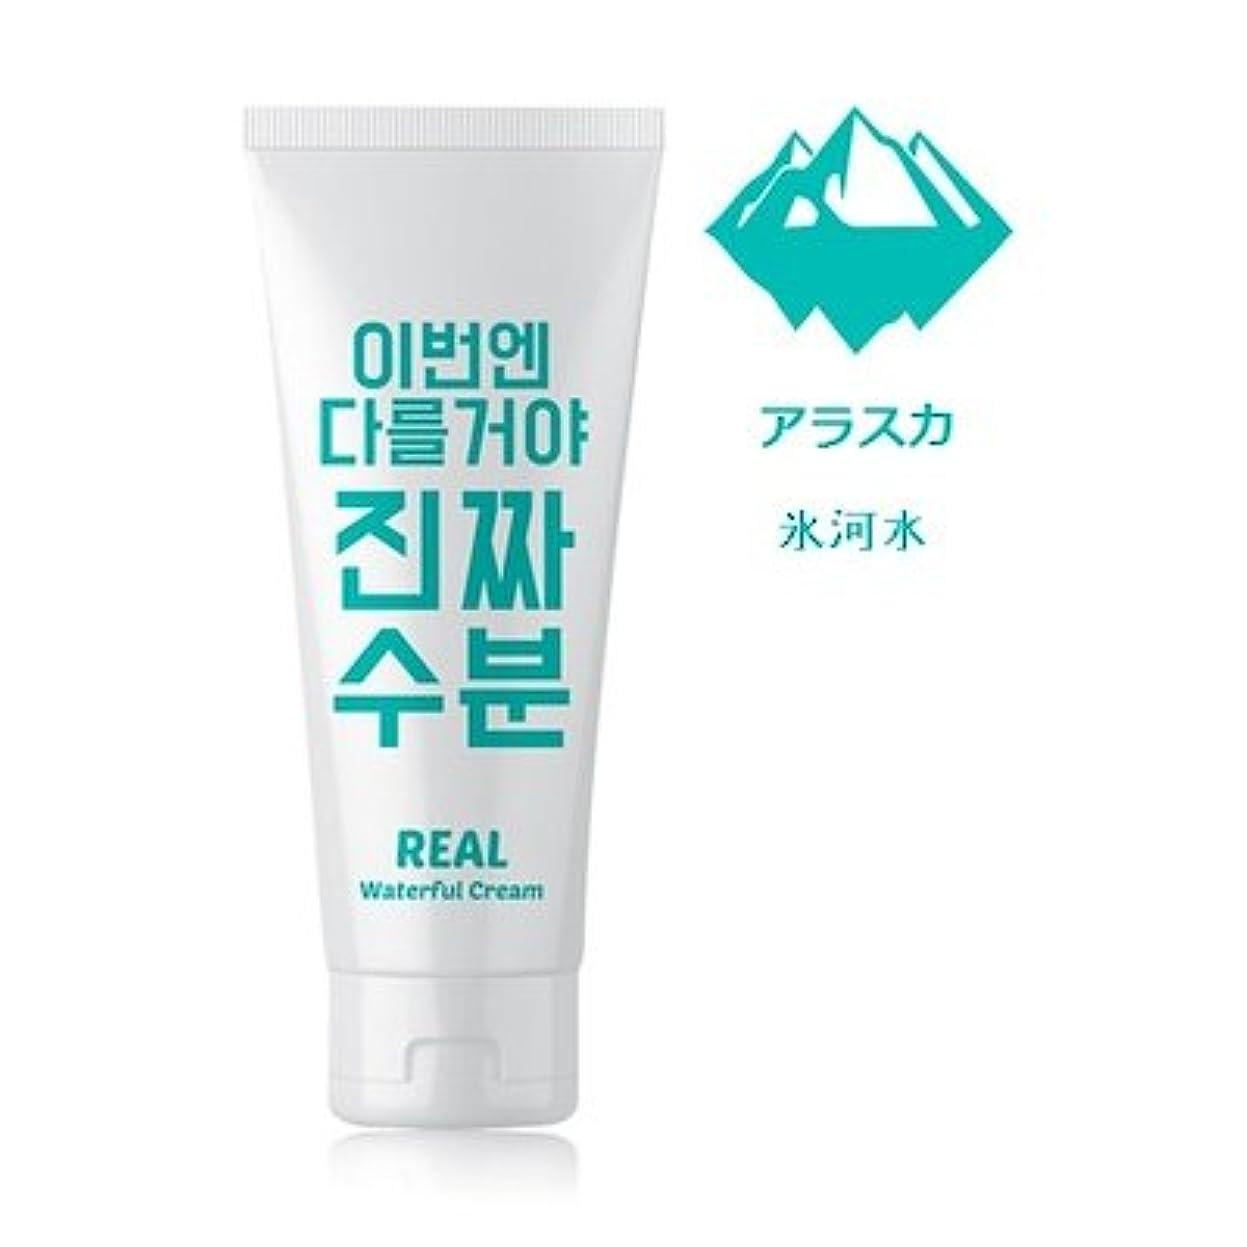 時制悲劇角度Jaminkyung Real Waterful Cream/孜民耕 [ジャミンギョン] 今度は違うぞ本当の水分クリーム 200ml [並行輸入品]